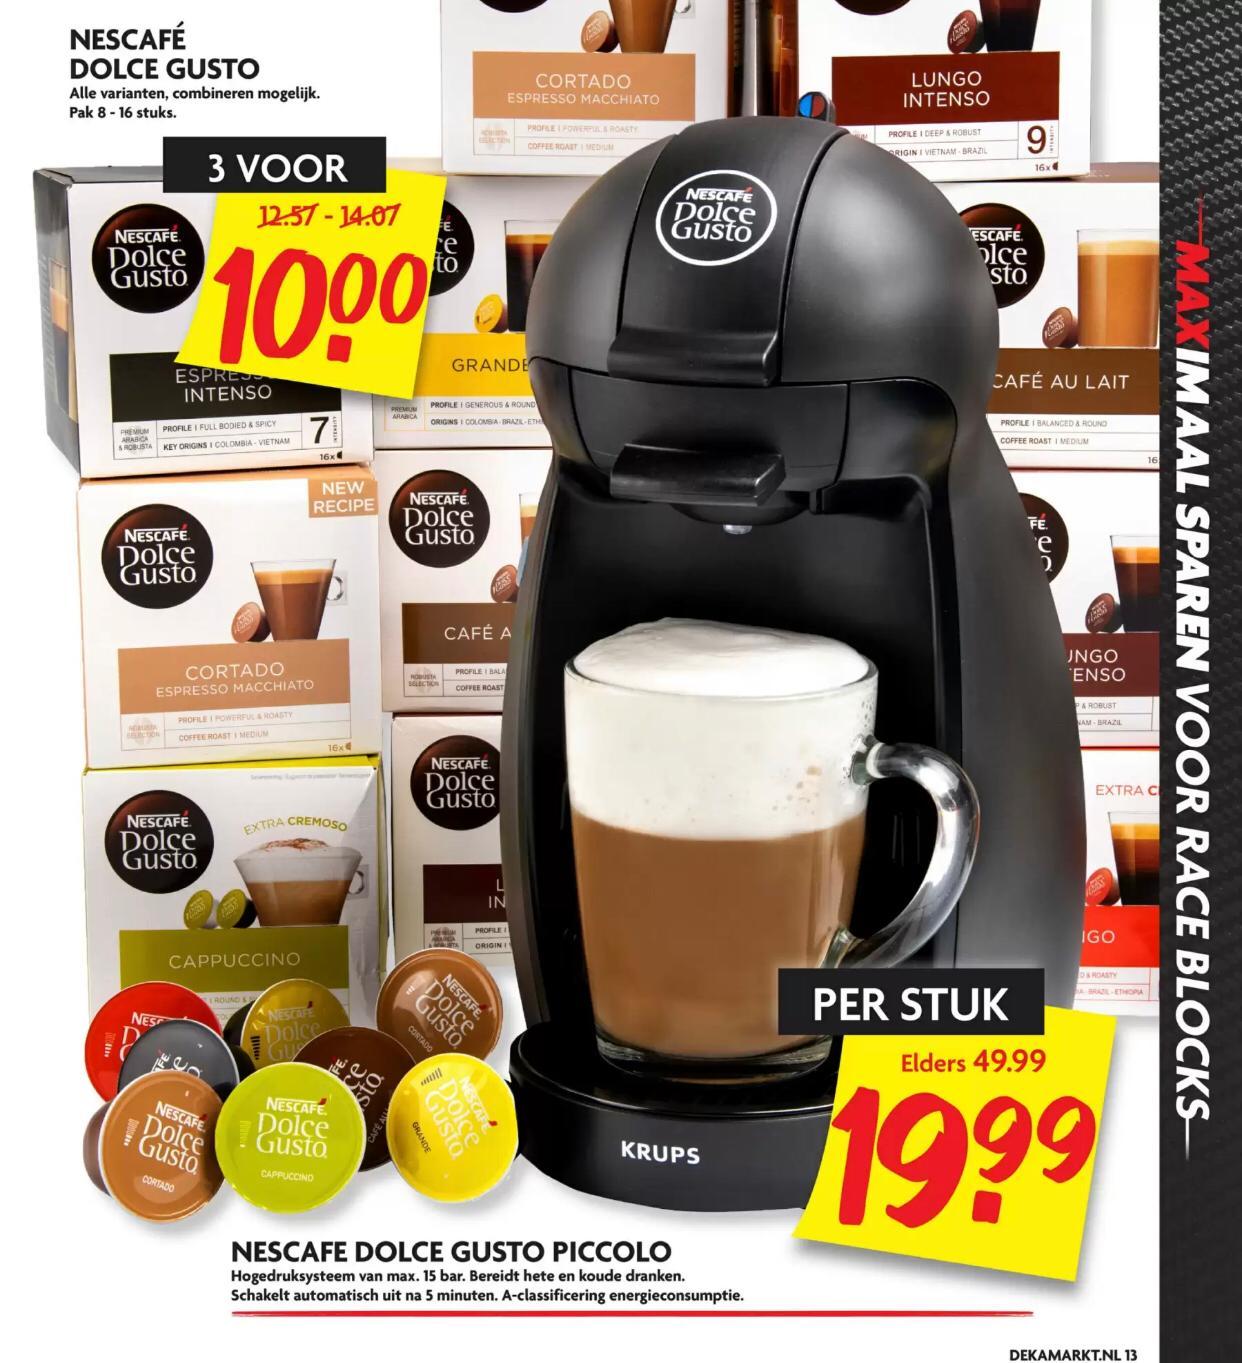 @DekaMarkt Dolce Gusto Piccolo voor €19,99 // 3 doosjes Dolce Gusto koffie voor €10